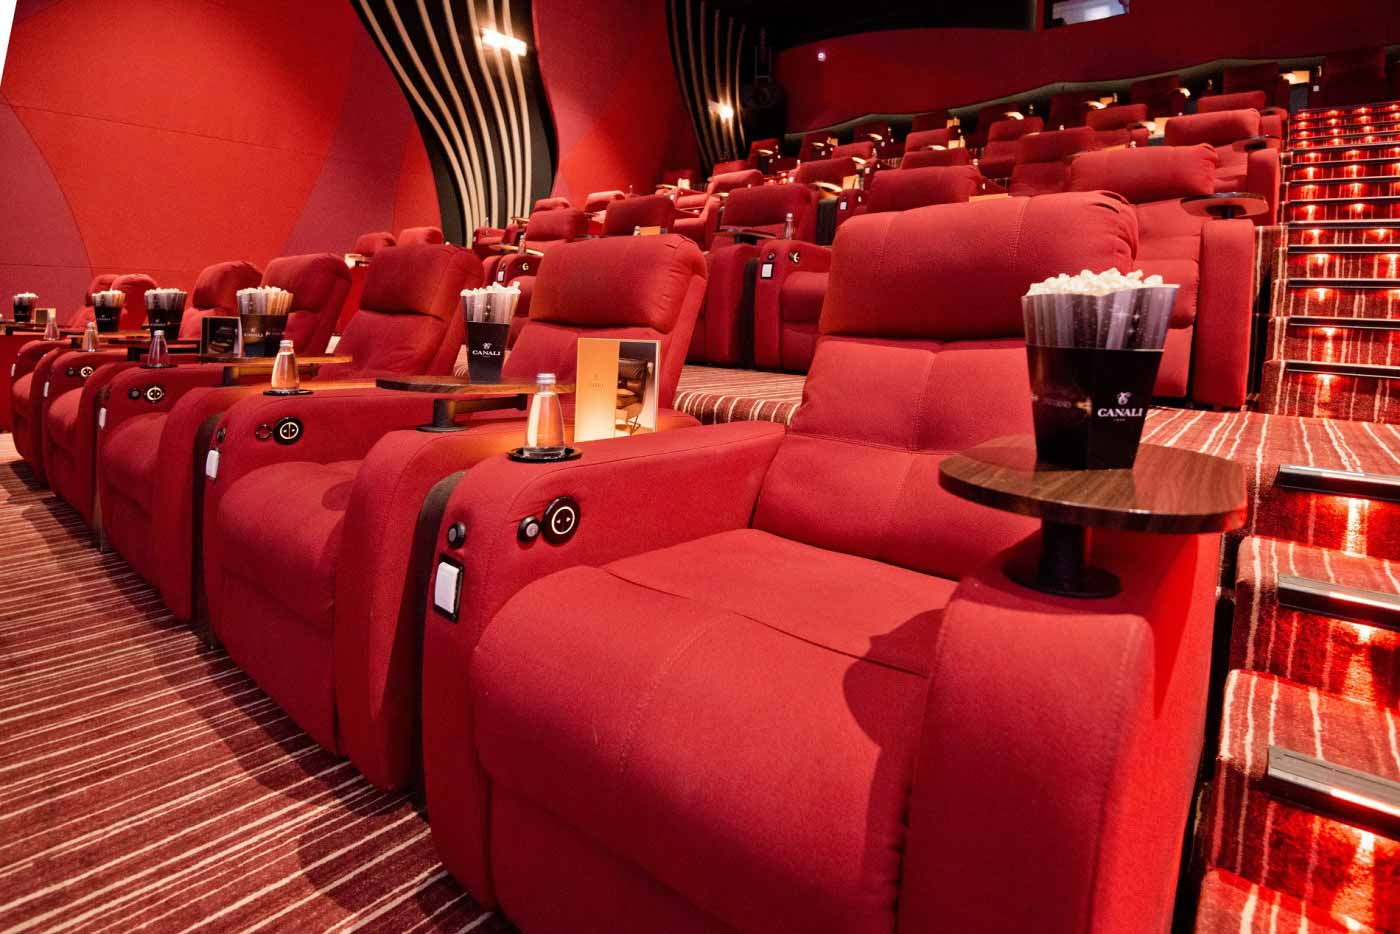 Всеки Grand Cinema салон е с уникален дизайн, имайки предвид местните демографски особености и нуждите на потребителите.